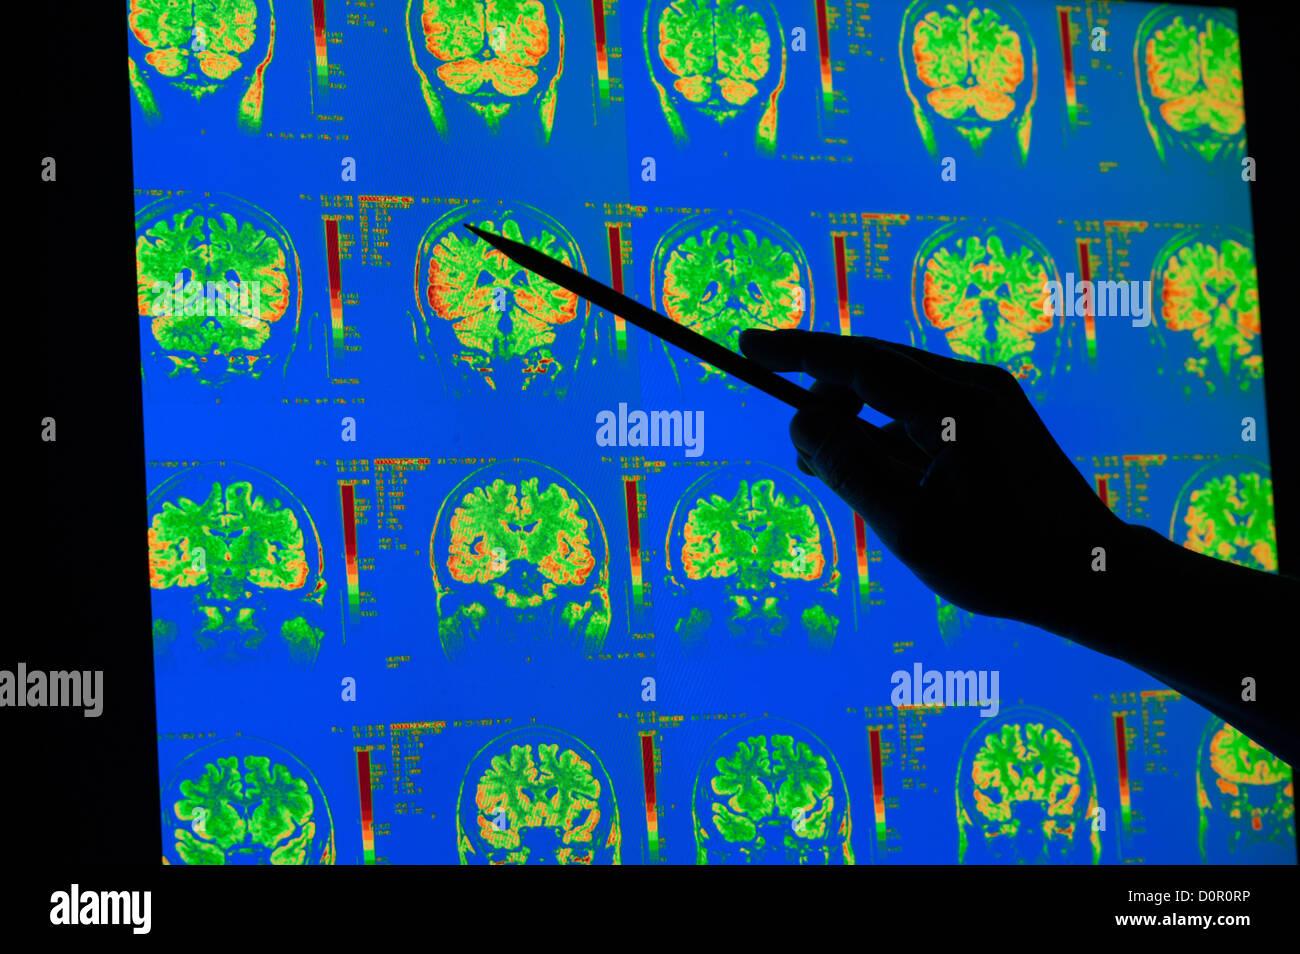 colored x-rays of cerebral cortex cerebellum human brain MRI - Stock Image